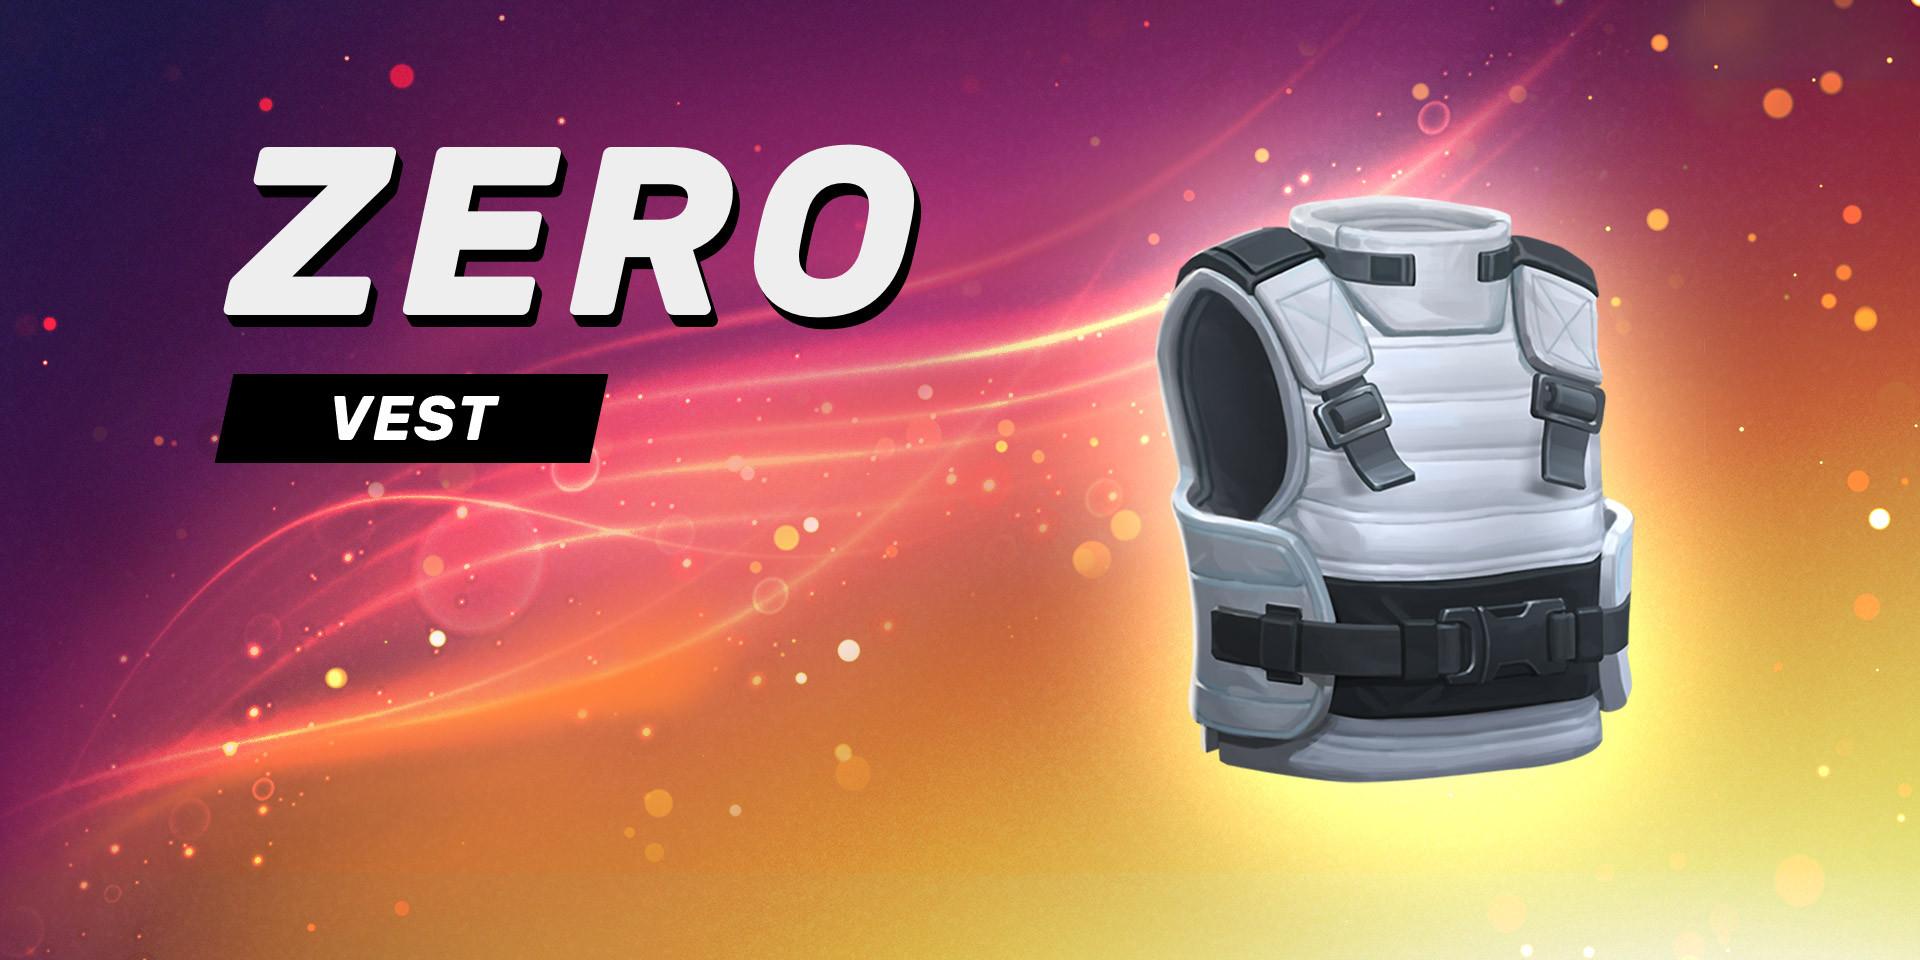 gunsopedia-zero-MhfstHAM1Y